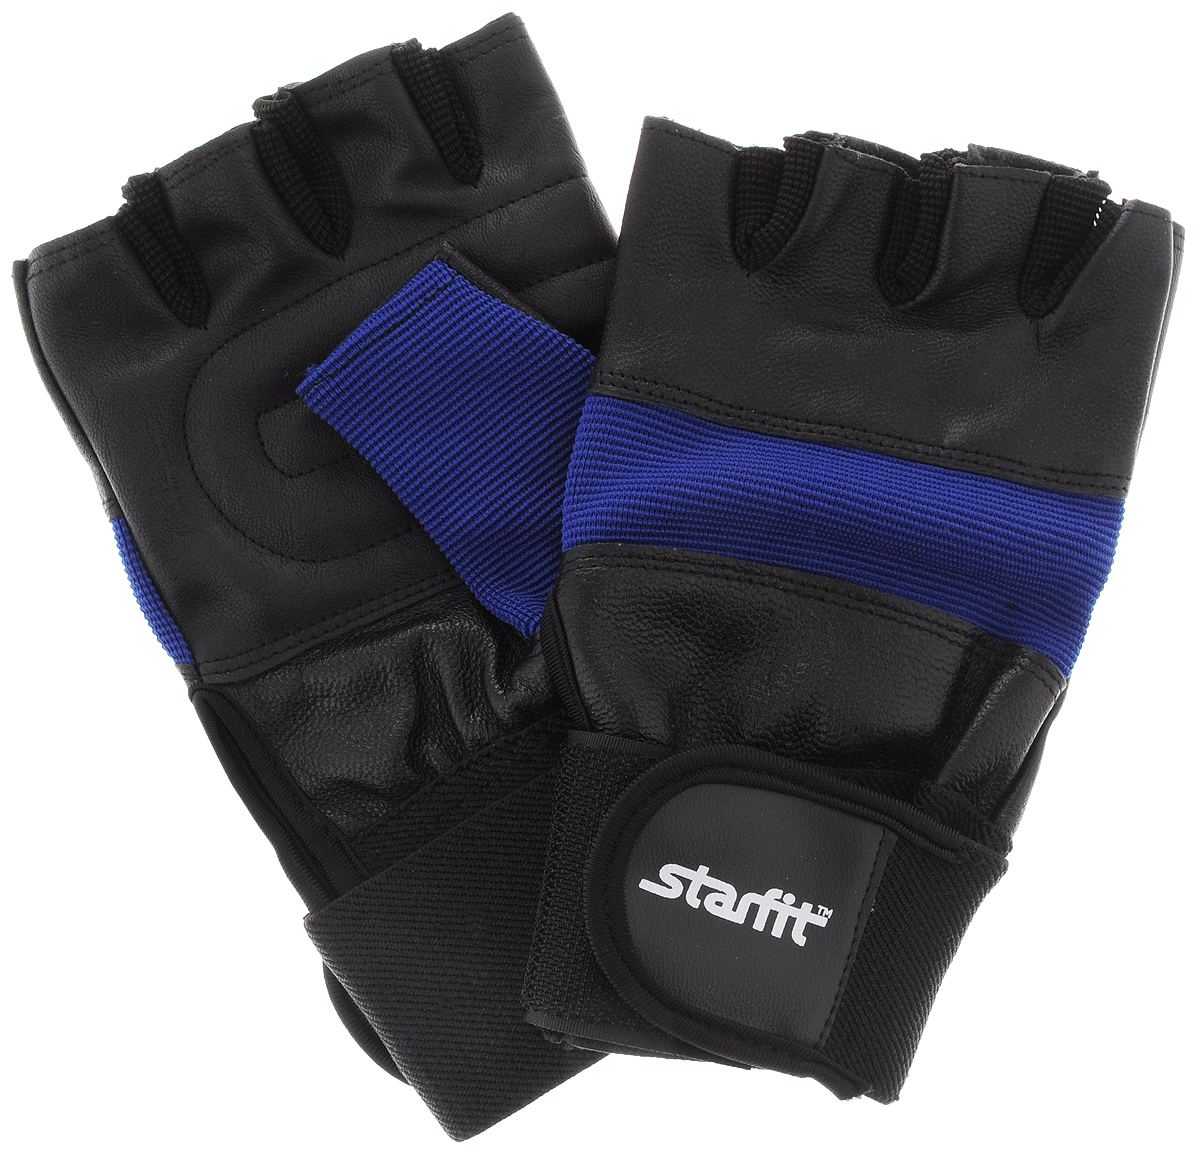 Перчатки атлетические Starfit SU-109, цвет: синий, черный. Размер LSF 0085Атлетические перчатки Star Fit SU-109 -это модель с поддержкой запястья. Онинеобходимы для безопасной тренировки со снарядами (грифы, гантели), во время подтягиваний и отжиманий.Перчатки минимизируют риск мозолей и ссадин на ладонях. Перчатки выполнены из нейлона, искусственной кожи, полиэстера и эластана. В рабочей части имеется вставка из тонкого поролона, обеспечивающего комфорт при тренировках.Размер перчатки (без учета большого пальца): 19 х 10,8 см.